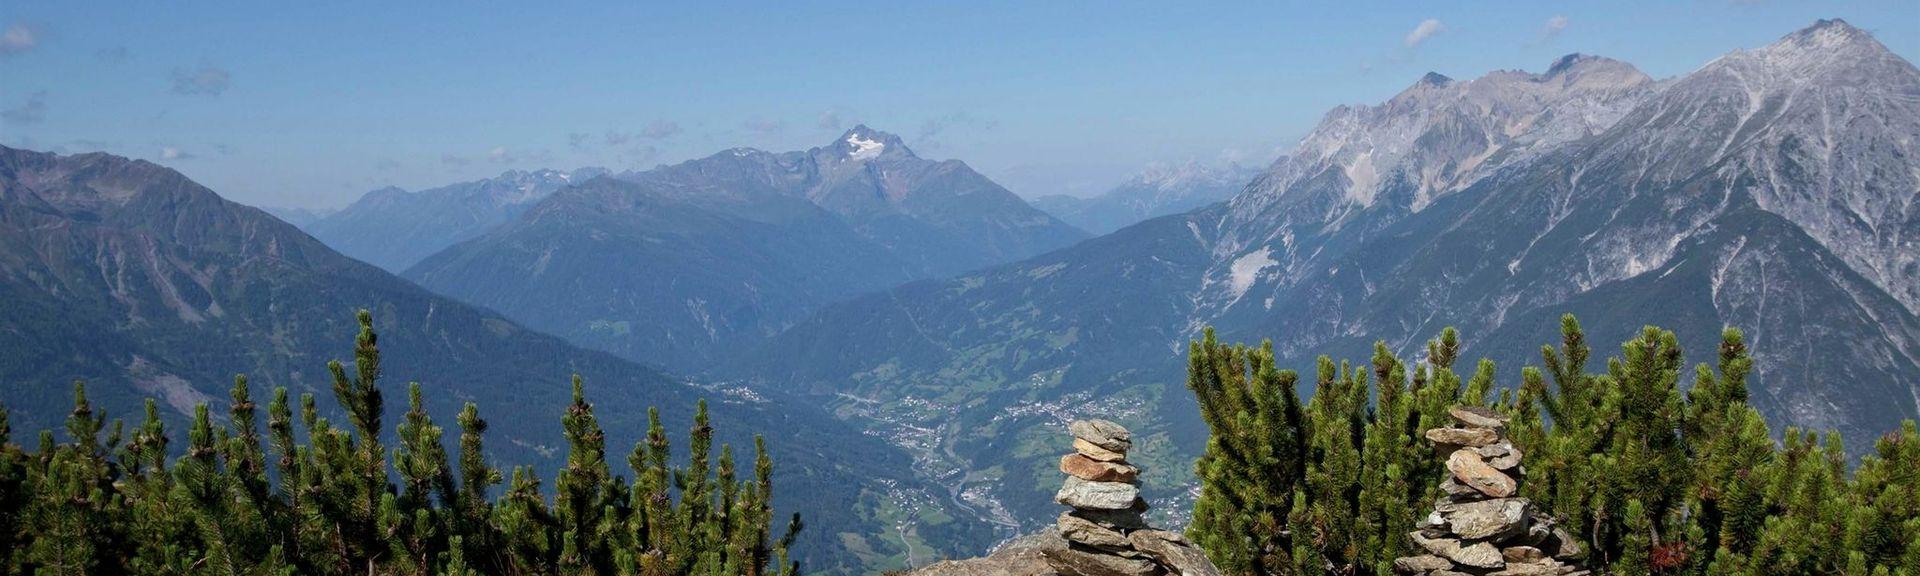 Area 47, Roppen, Tirol, Oostenrijk